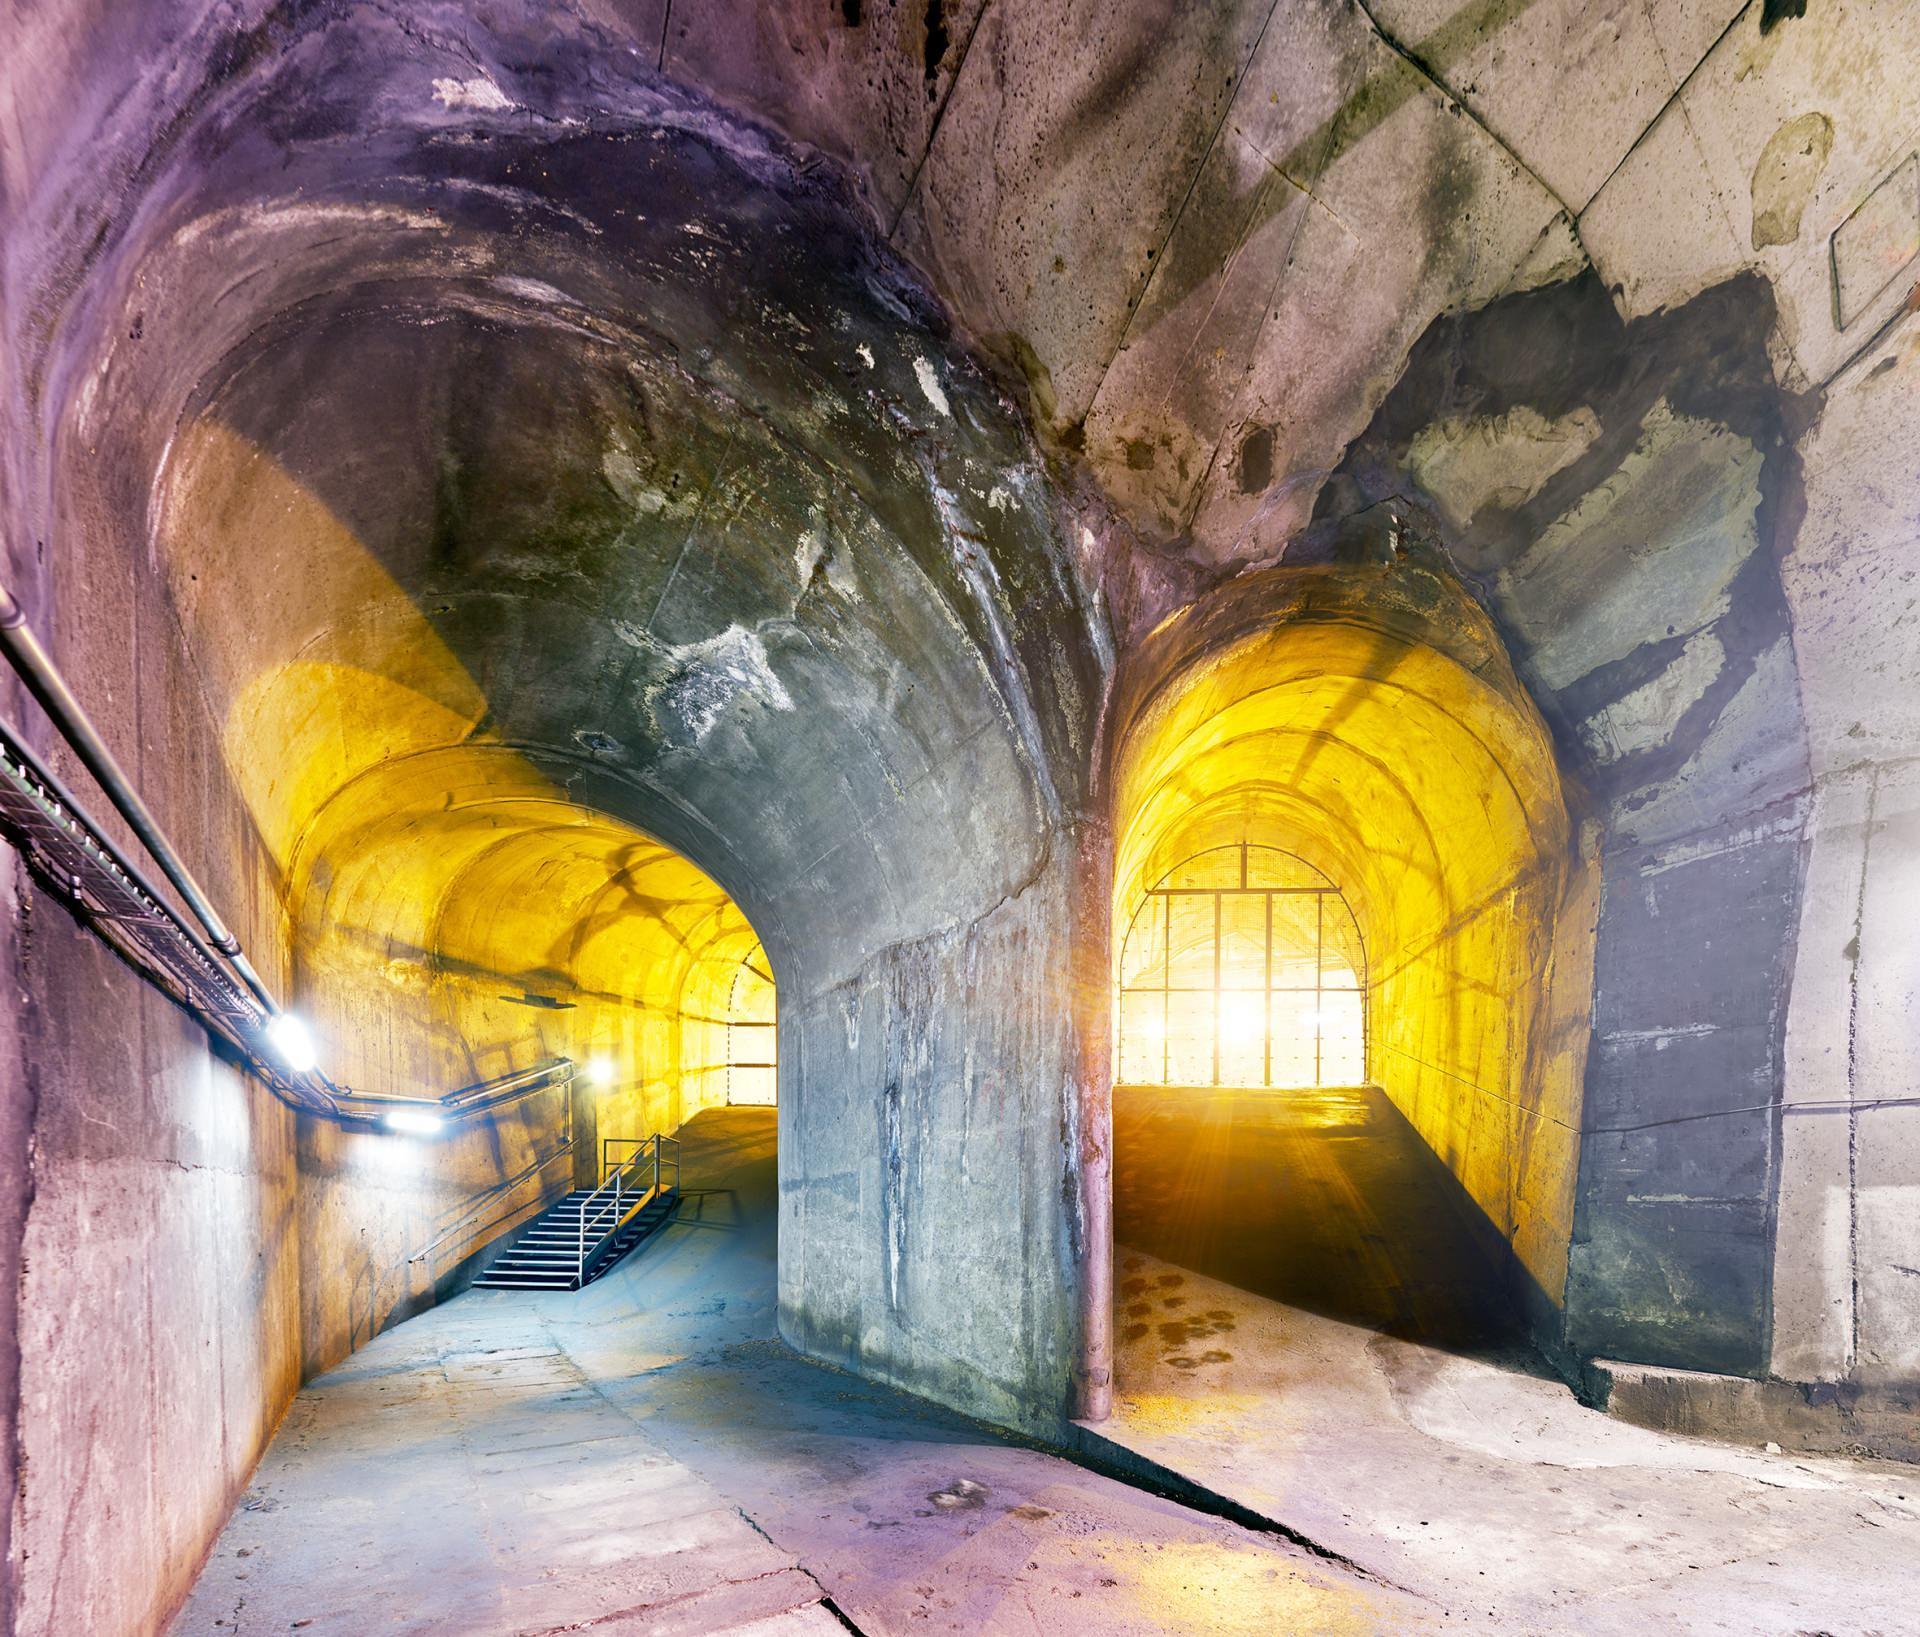 Tunnelmontbalncolivobarbieri